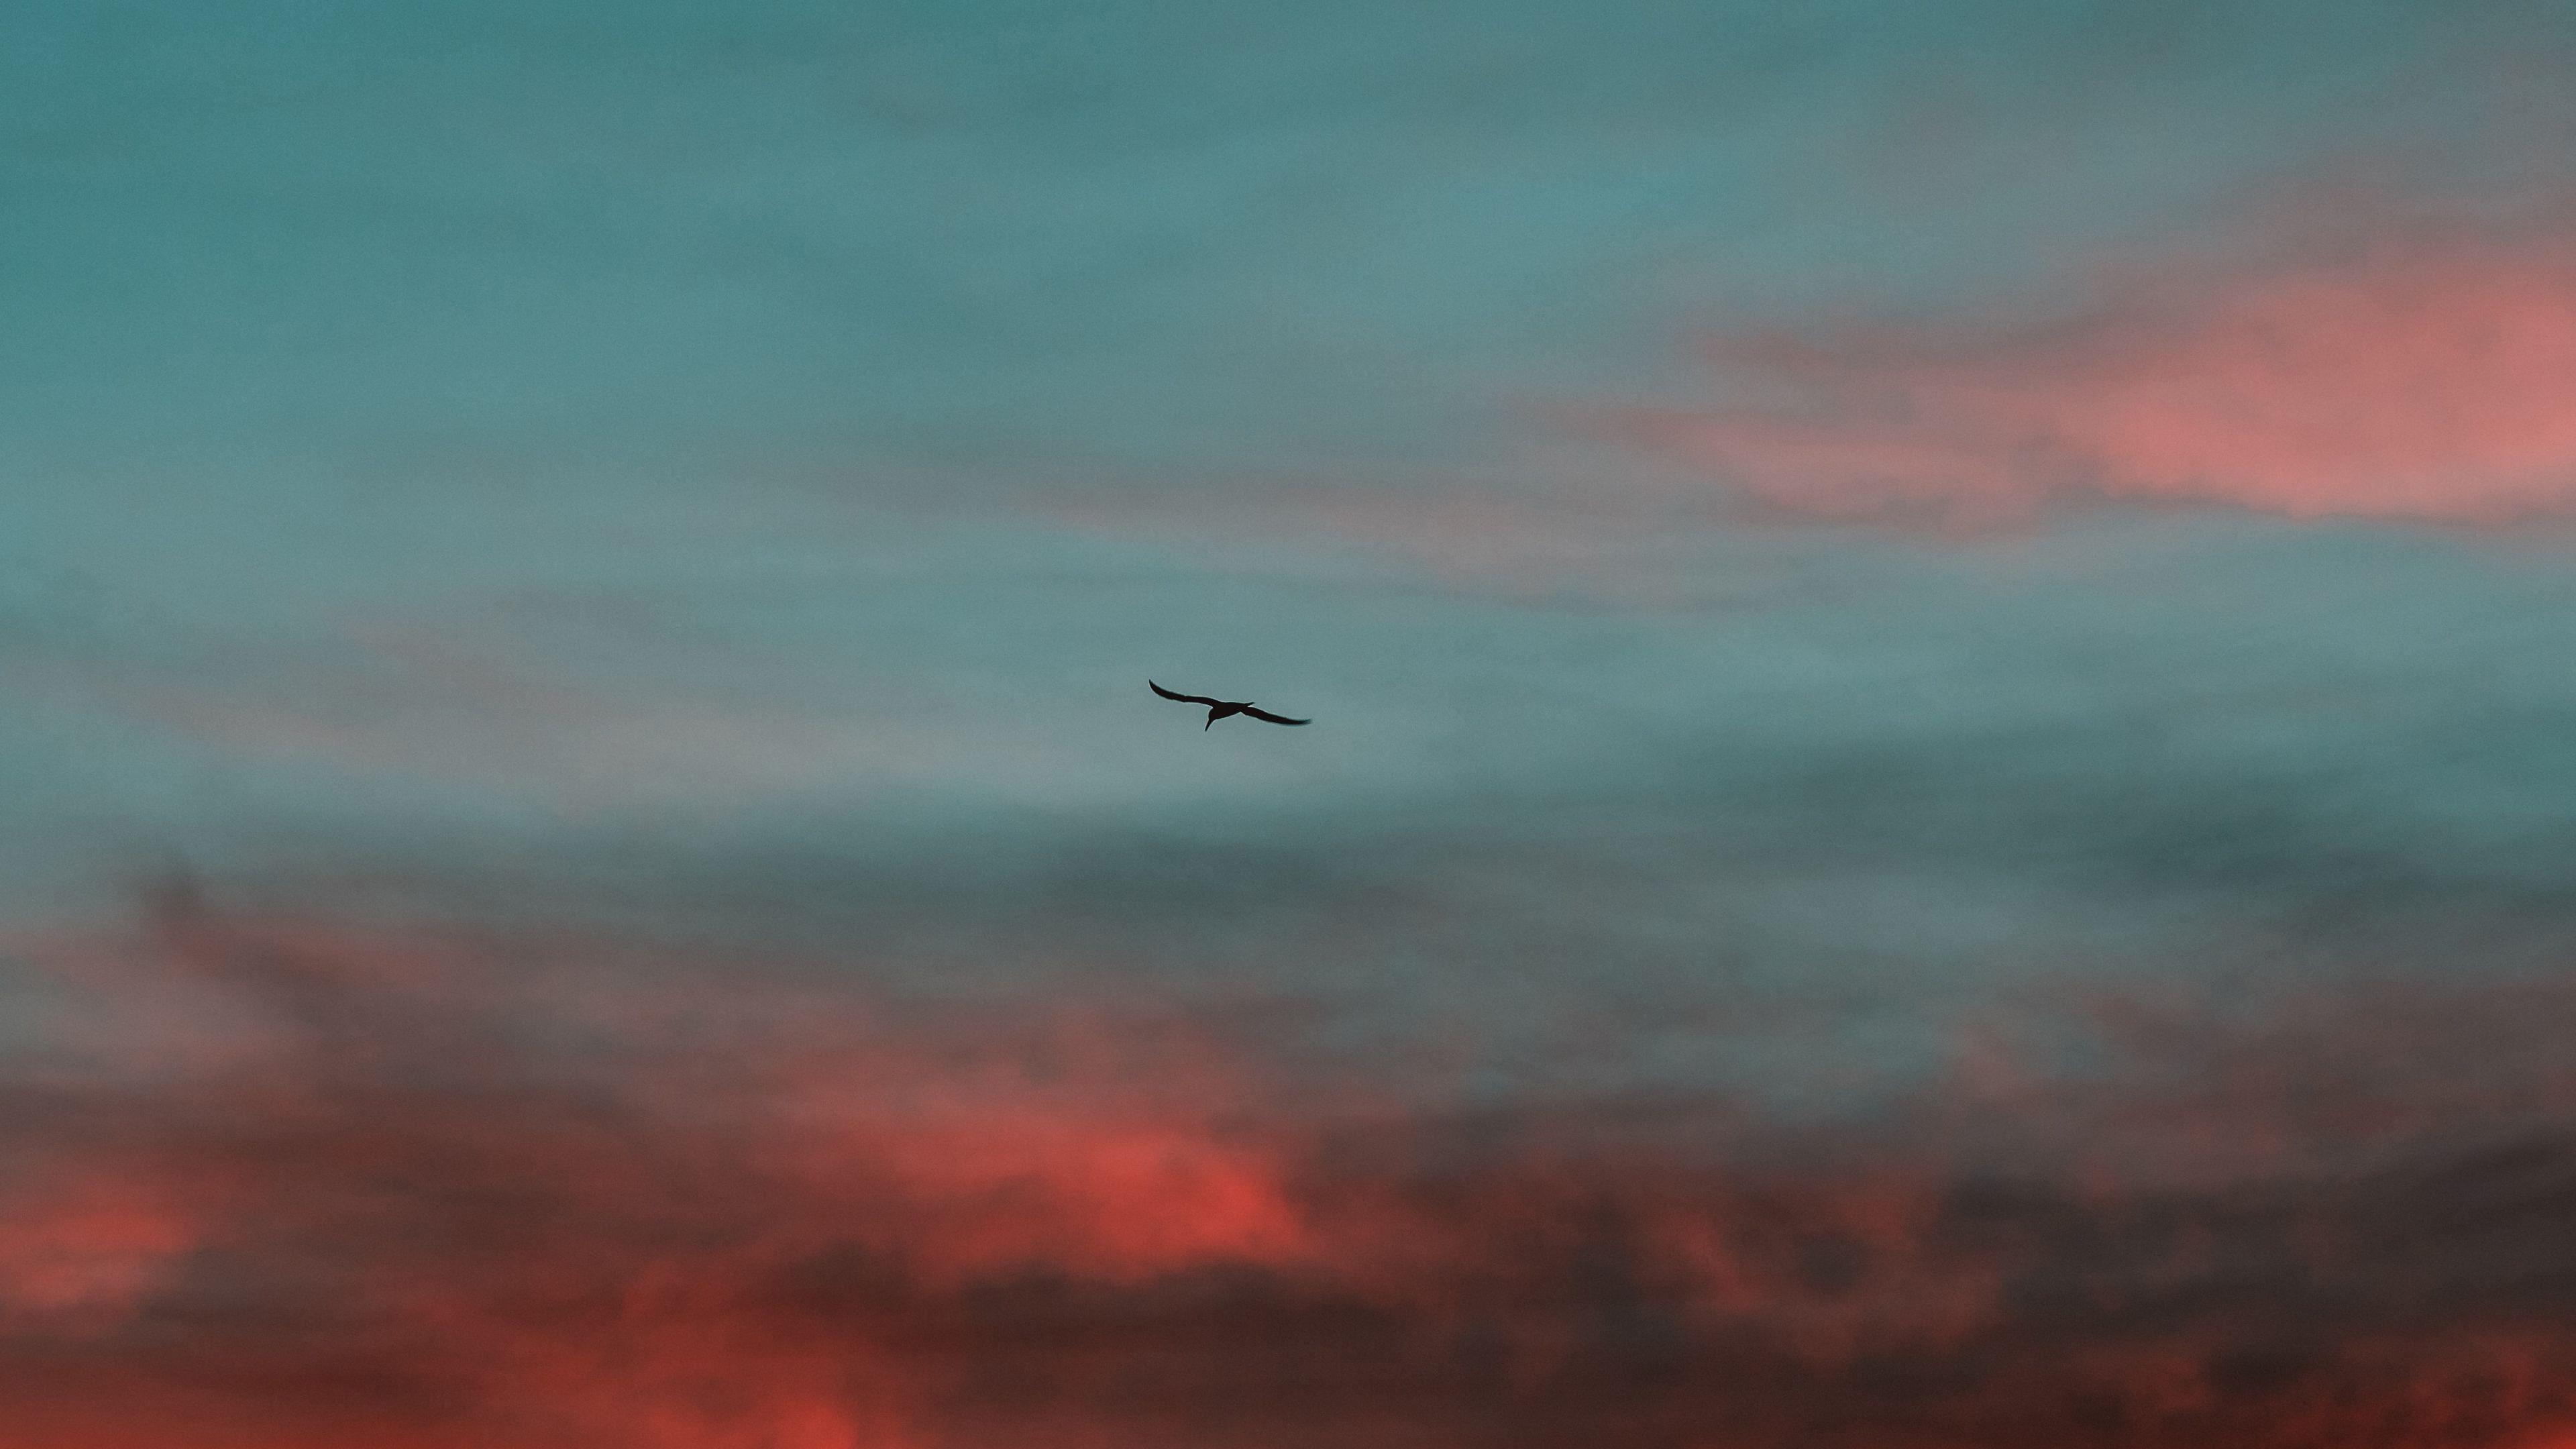 风景大片,落日余晖,晚霞,红霞,老鹰,天空,翱翔